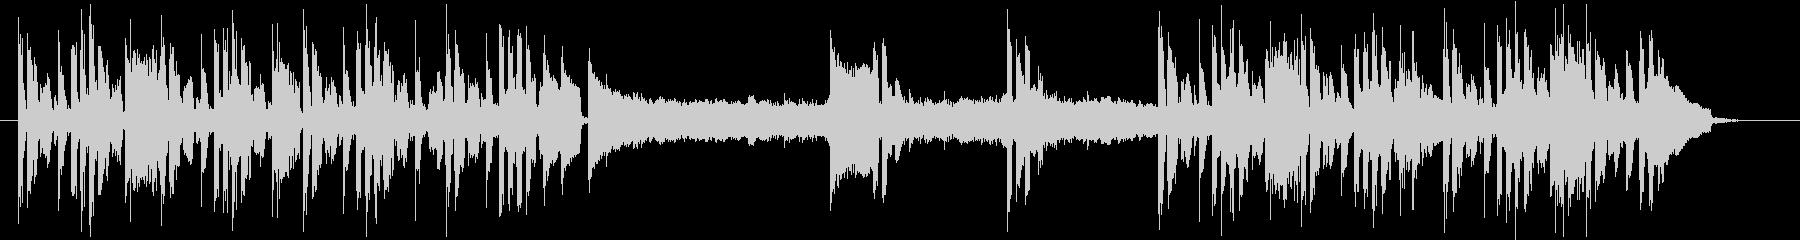 ミステリー・サスペンスの日常曲の未再生の波形